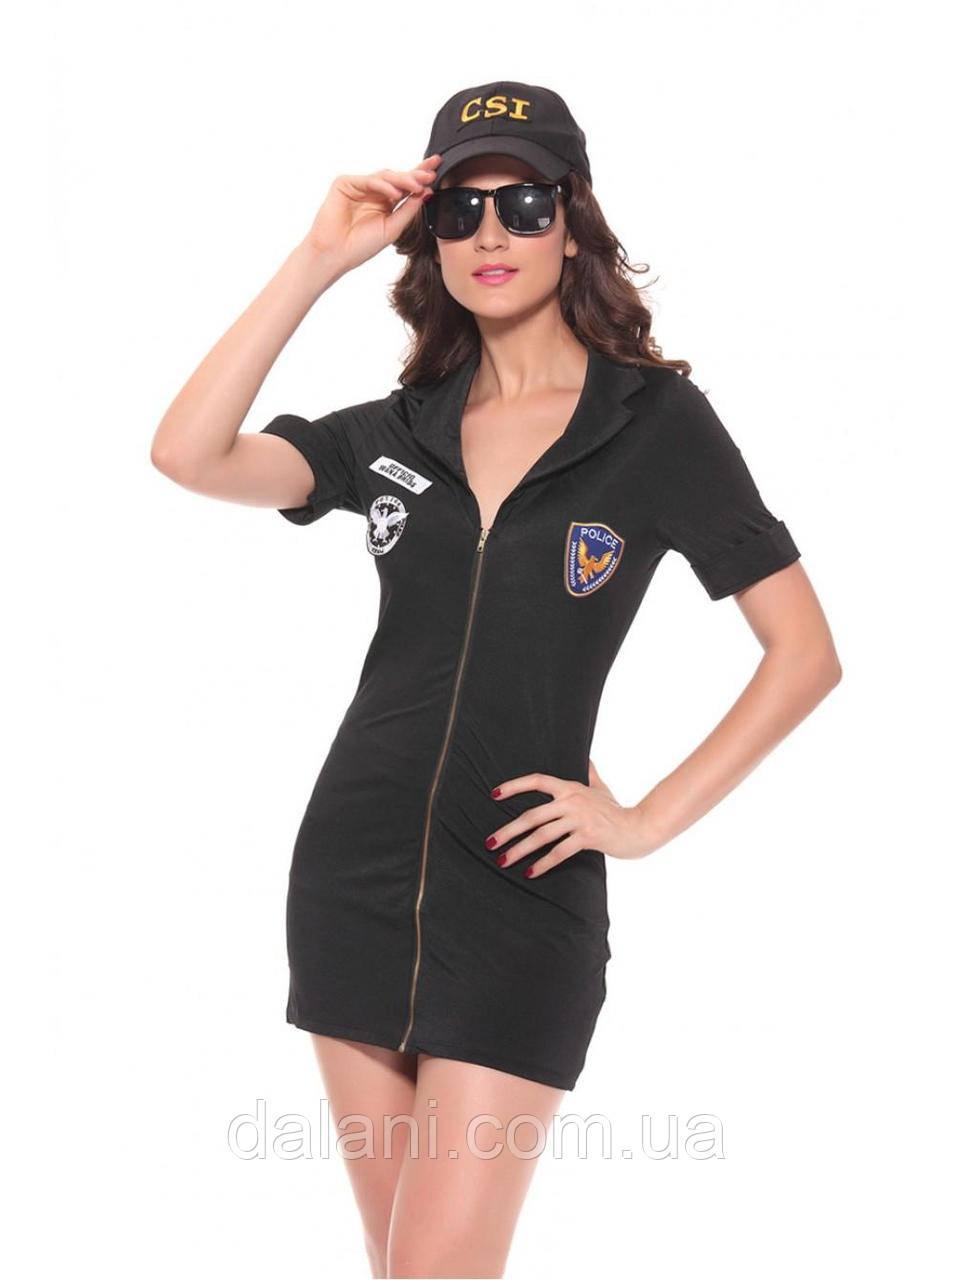 Женский чёрный костюм полицейской